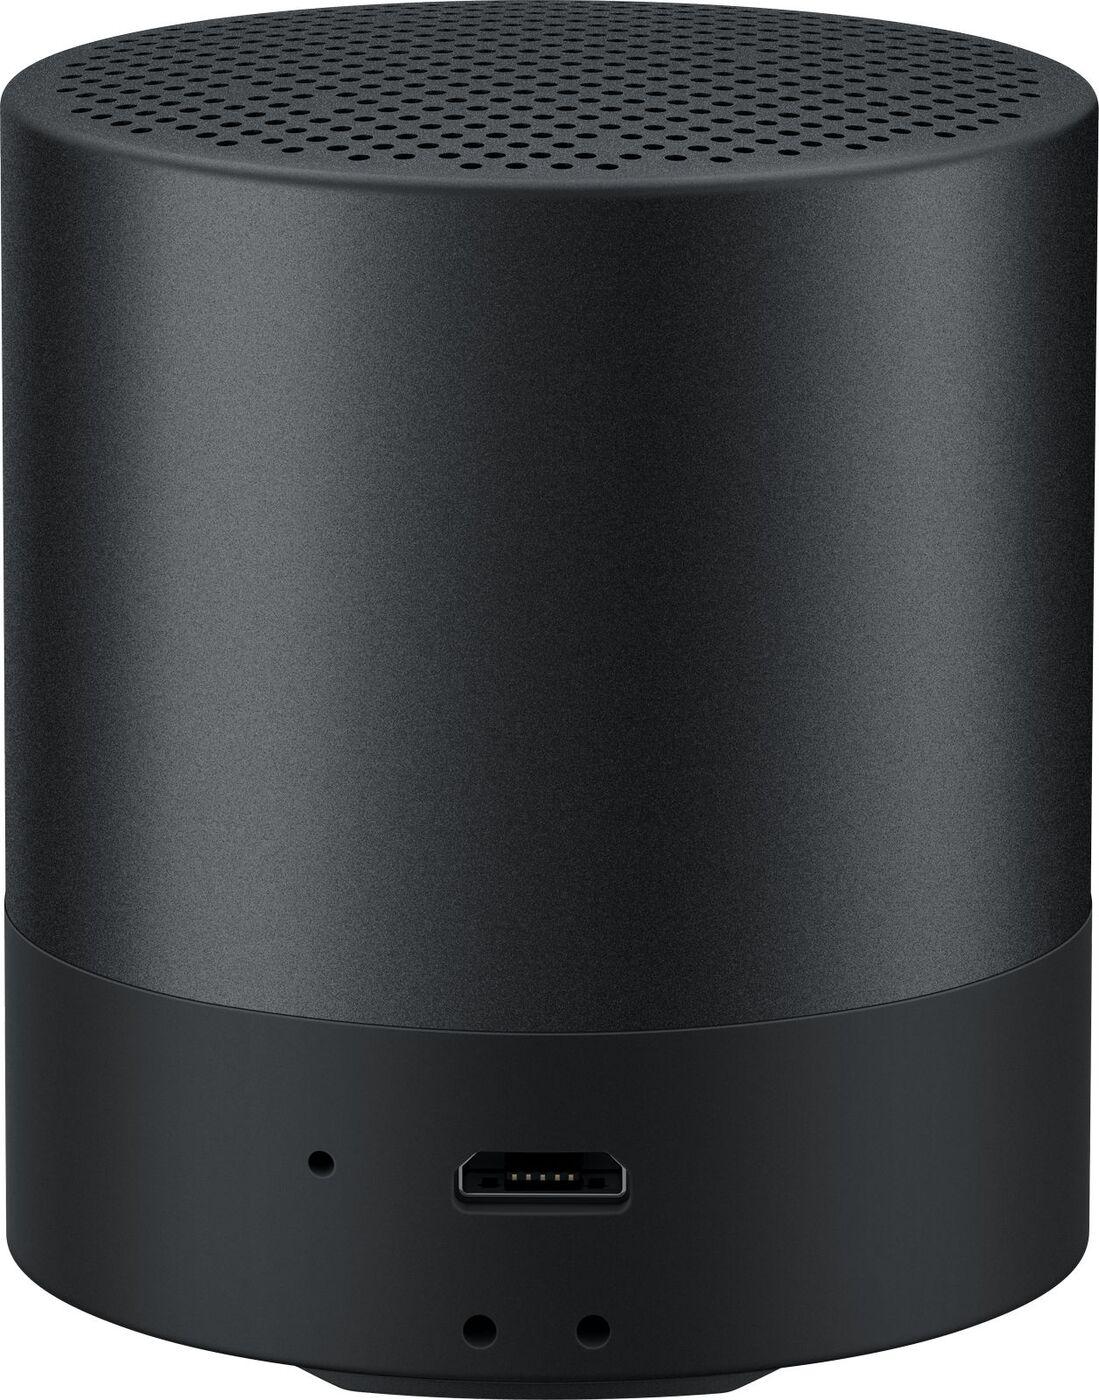 Портативная акустическая система Huawei CM510 Mini Speaker, черный huawei huawei little swan беспроводной bluetooth динамик громкой связи 4 0 портативный наружный стерео мини am08 mint